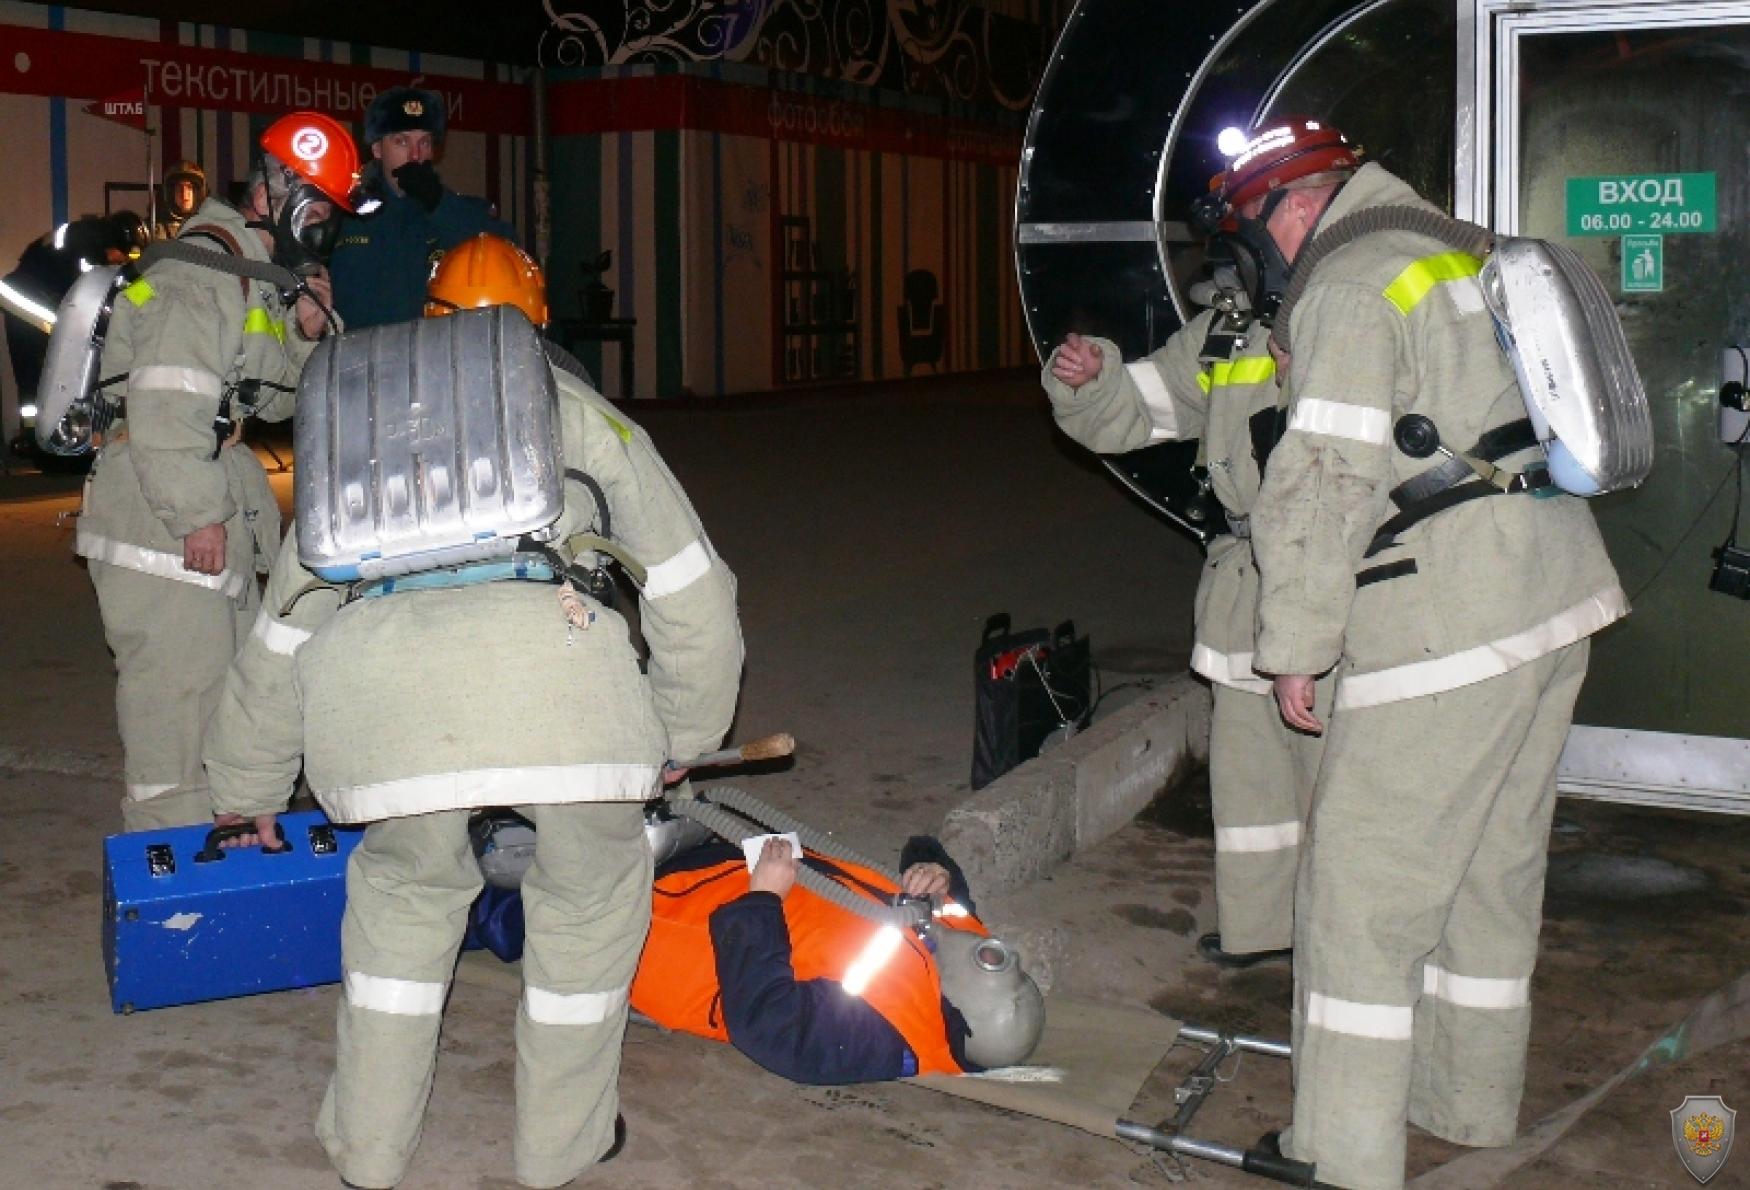 Командно-штабное учение «Тоннель-Самара-2014». Самарская область. 21- 25 ноября 2014 года